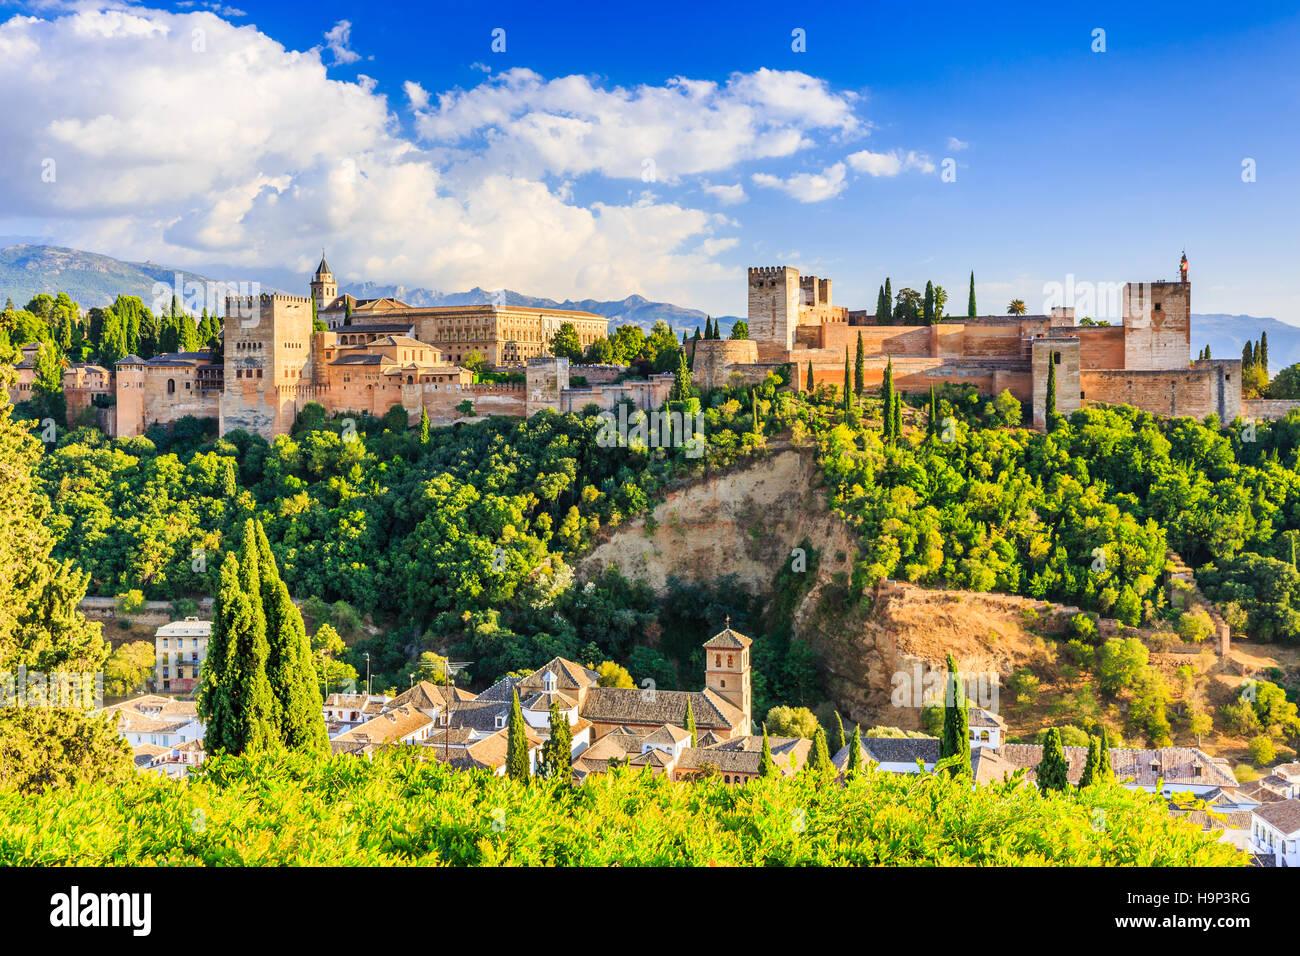 Alhambra de Grenade, Espagne. Forteresse de l'Alhambra. Banque D'Images